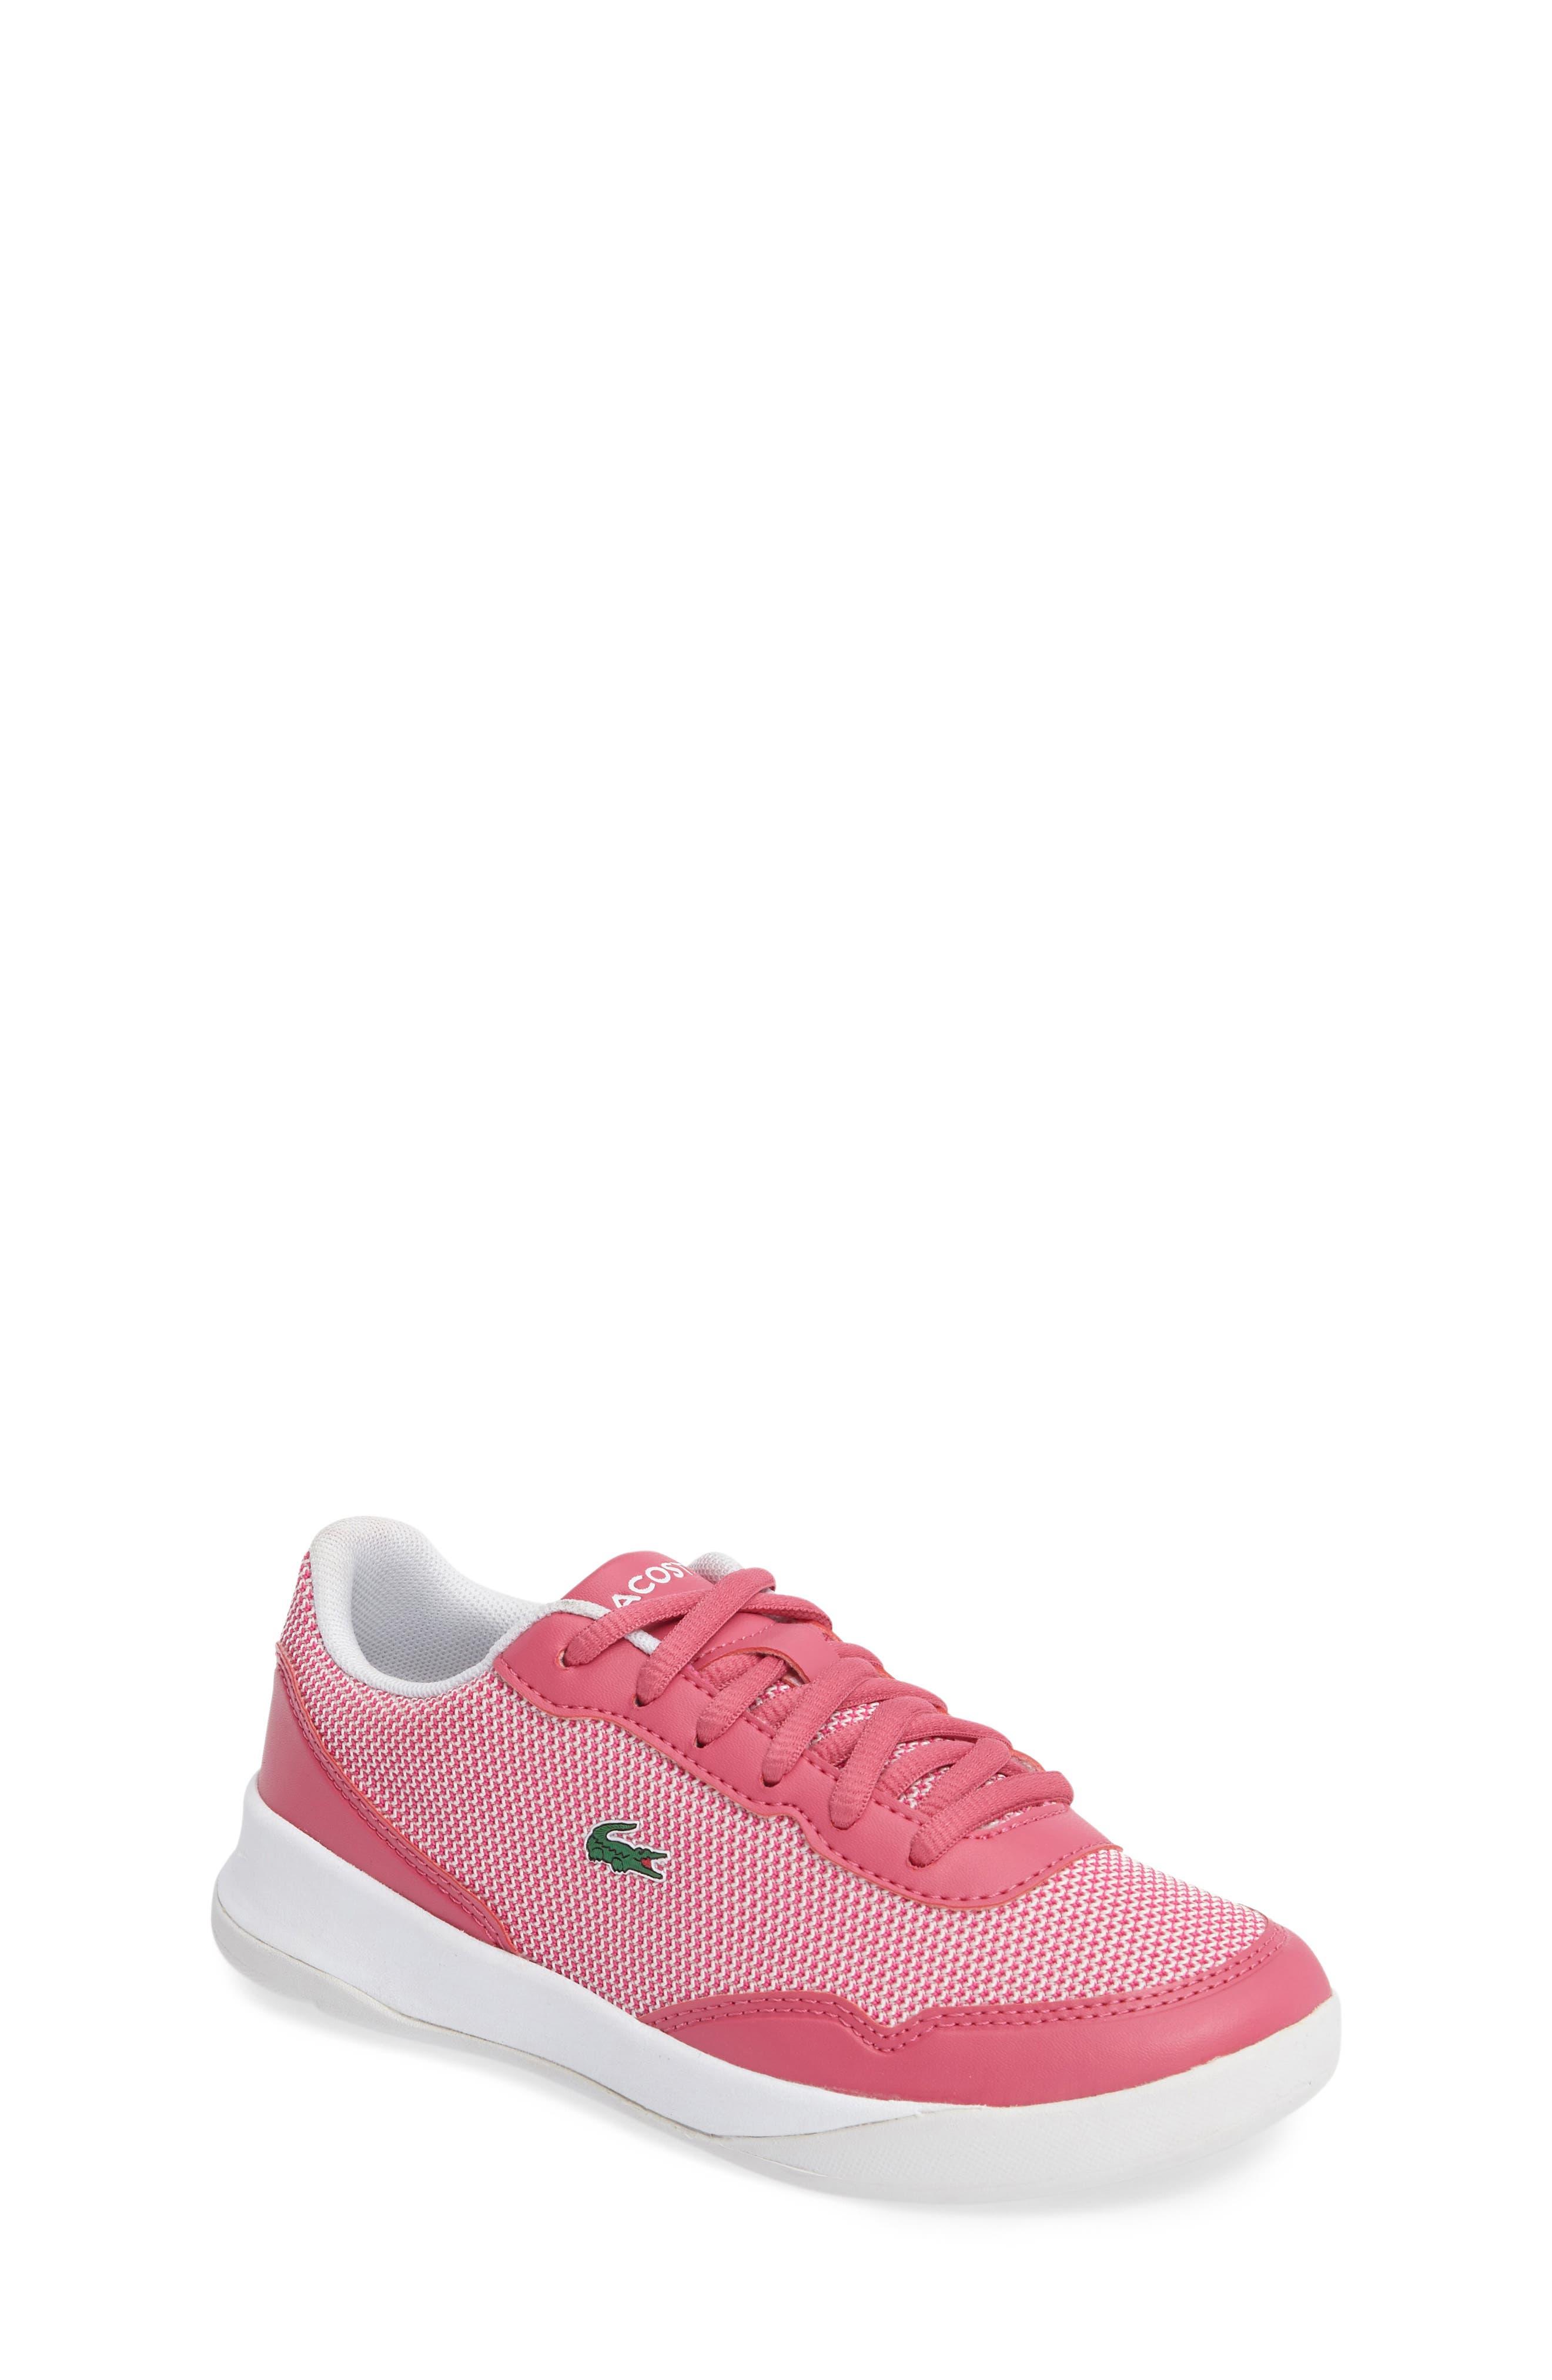 LT Spirit Woven Sneaker,                             Main thumbnail 1, color,                             Pink/ White